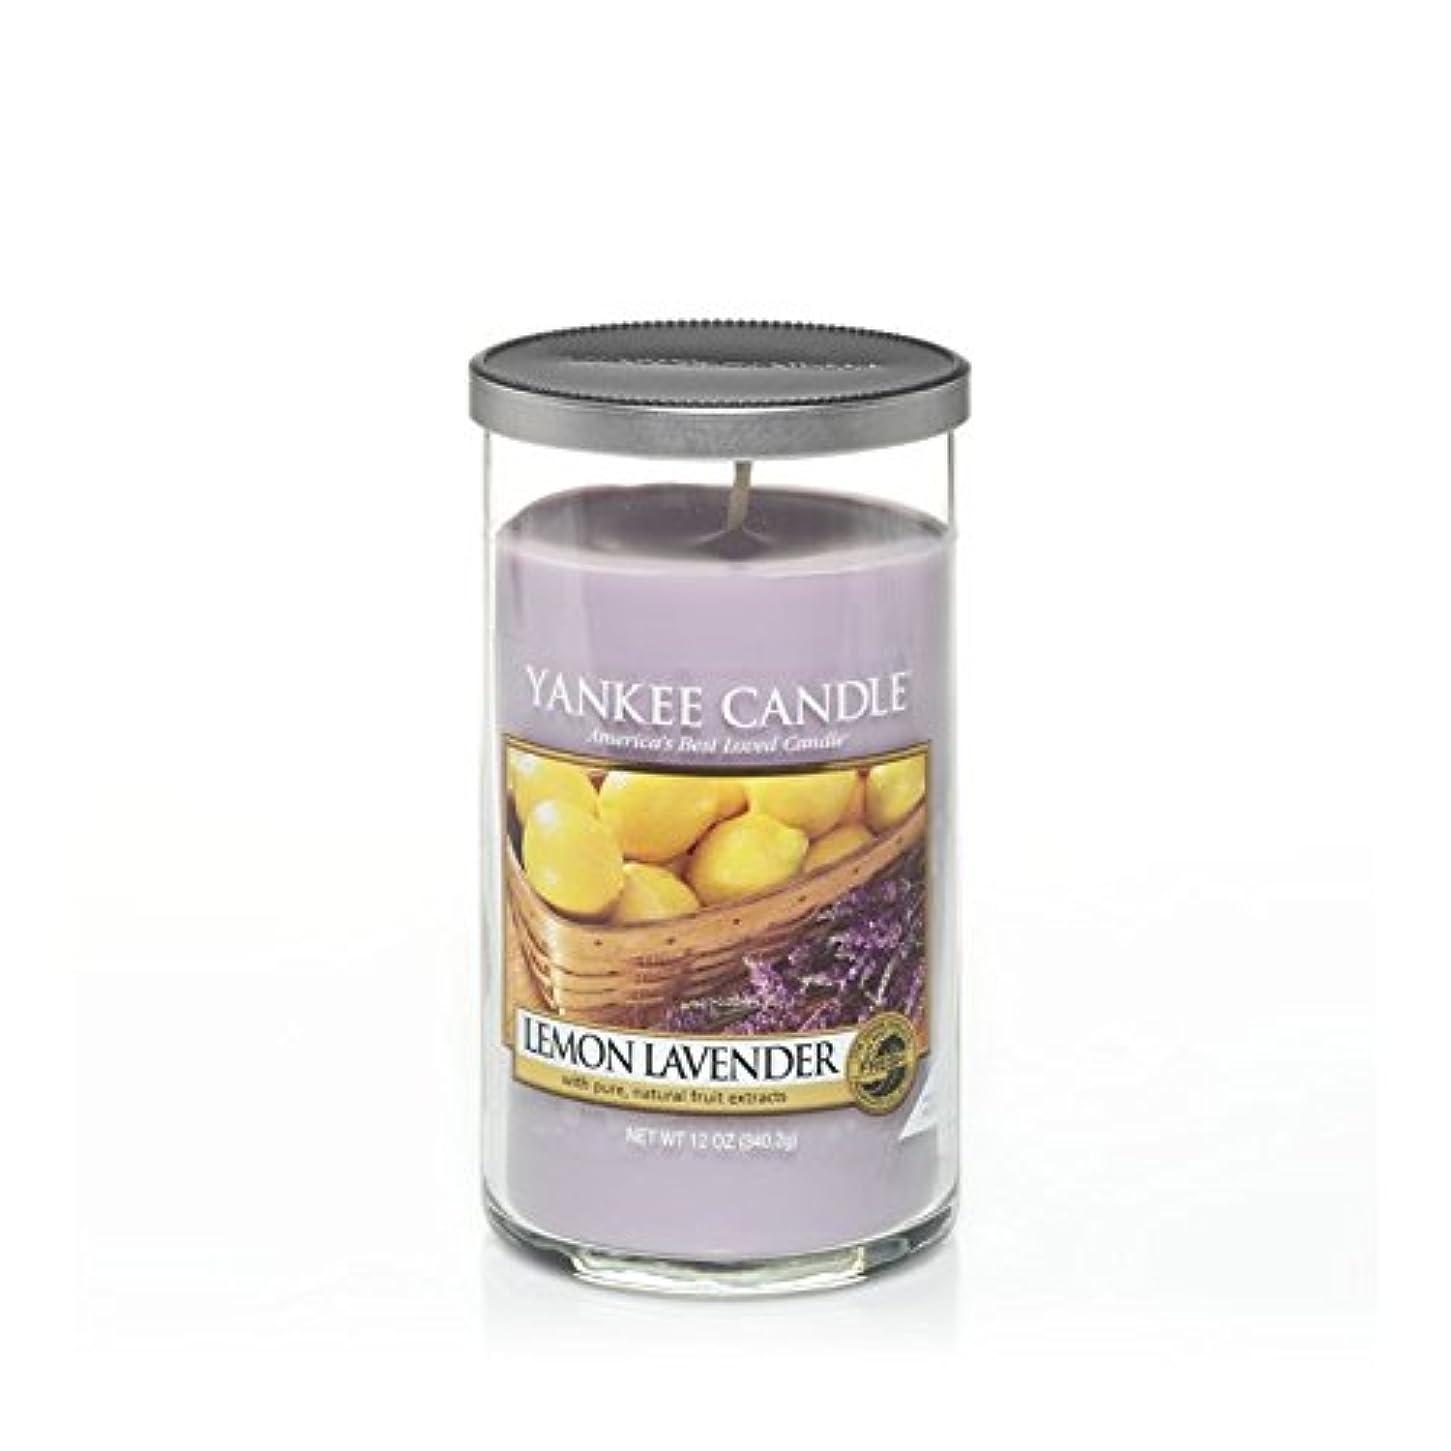 スチュアート島教養がある私たち自身Yankee Candles Medium Pillar Candle - Lemon Lavender (Pack of 2) - ヤンキーキャンドルメディアピラーキャンドル - レモンラベンダー (x2) [並行輸入品]